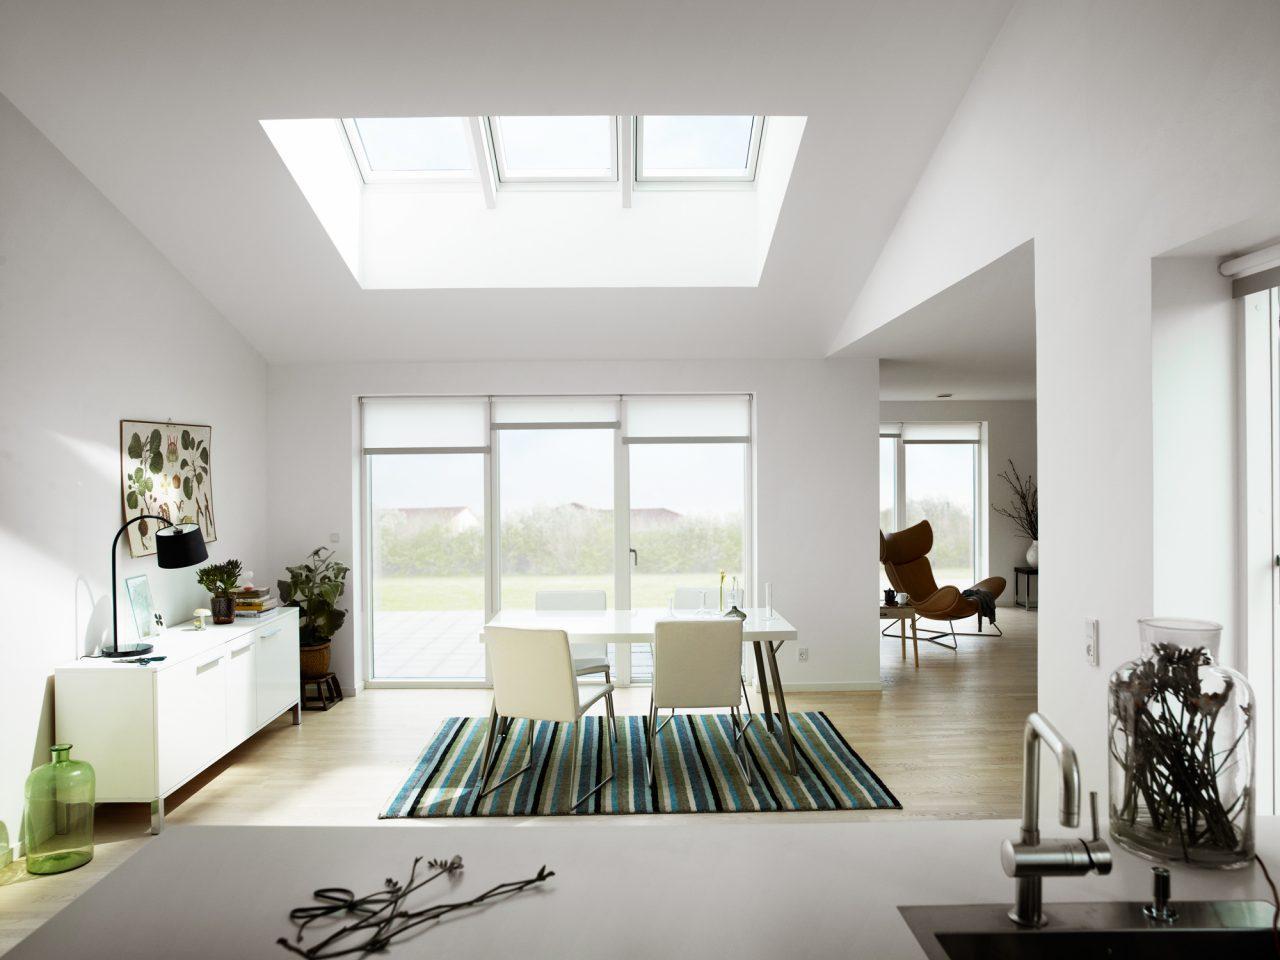 Il rapporto aeroilluminante calcolo e normativa casa luce - Altezza parapetti finestre normativa ...